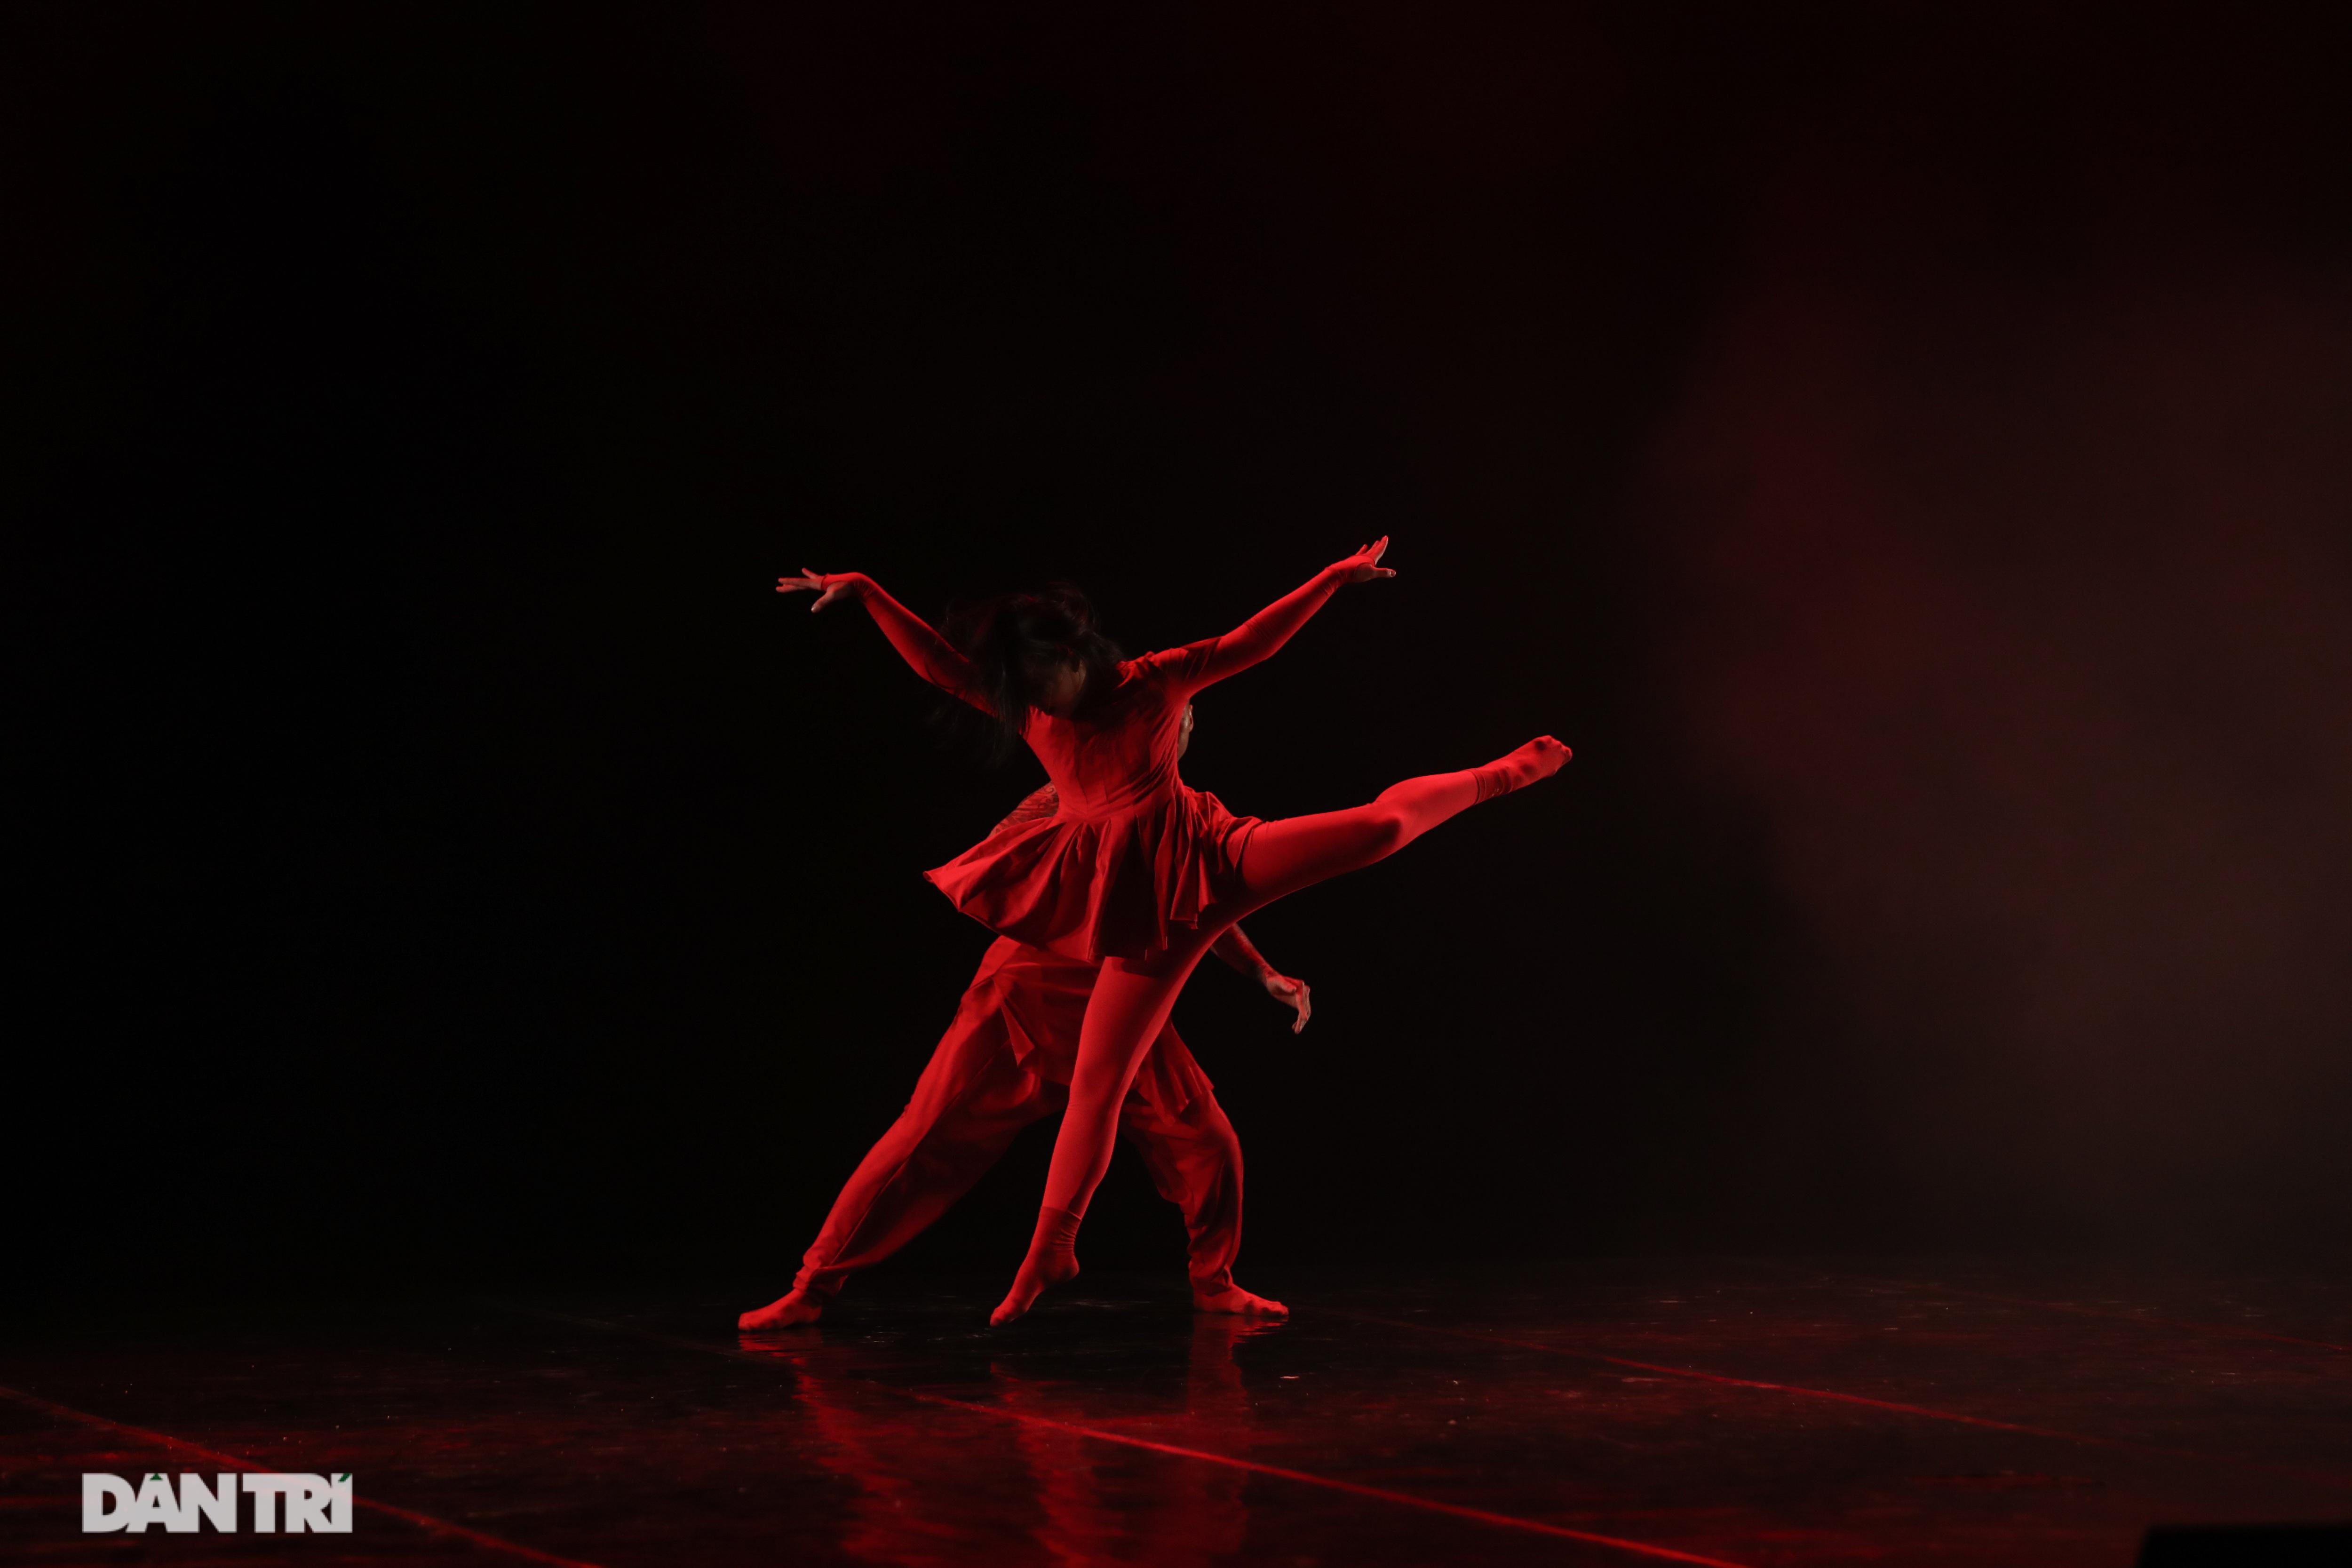 Khoảnh khắc mê hồn tại cuộc thi Tài năng biểu diễn múa - 8